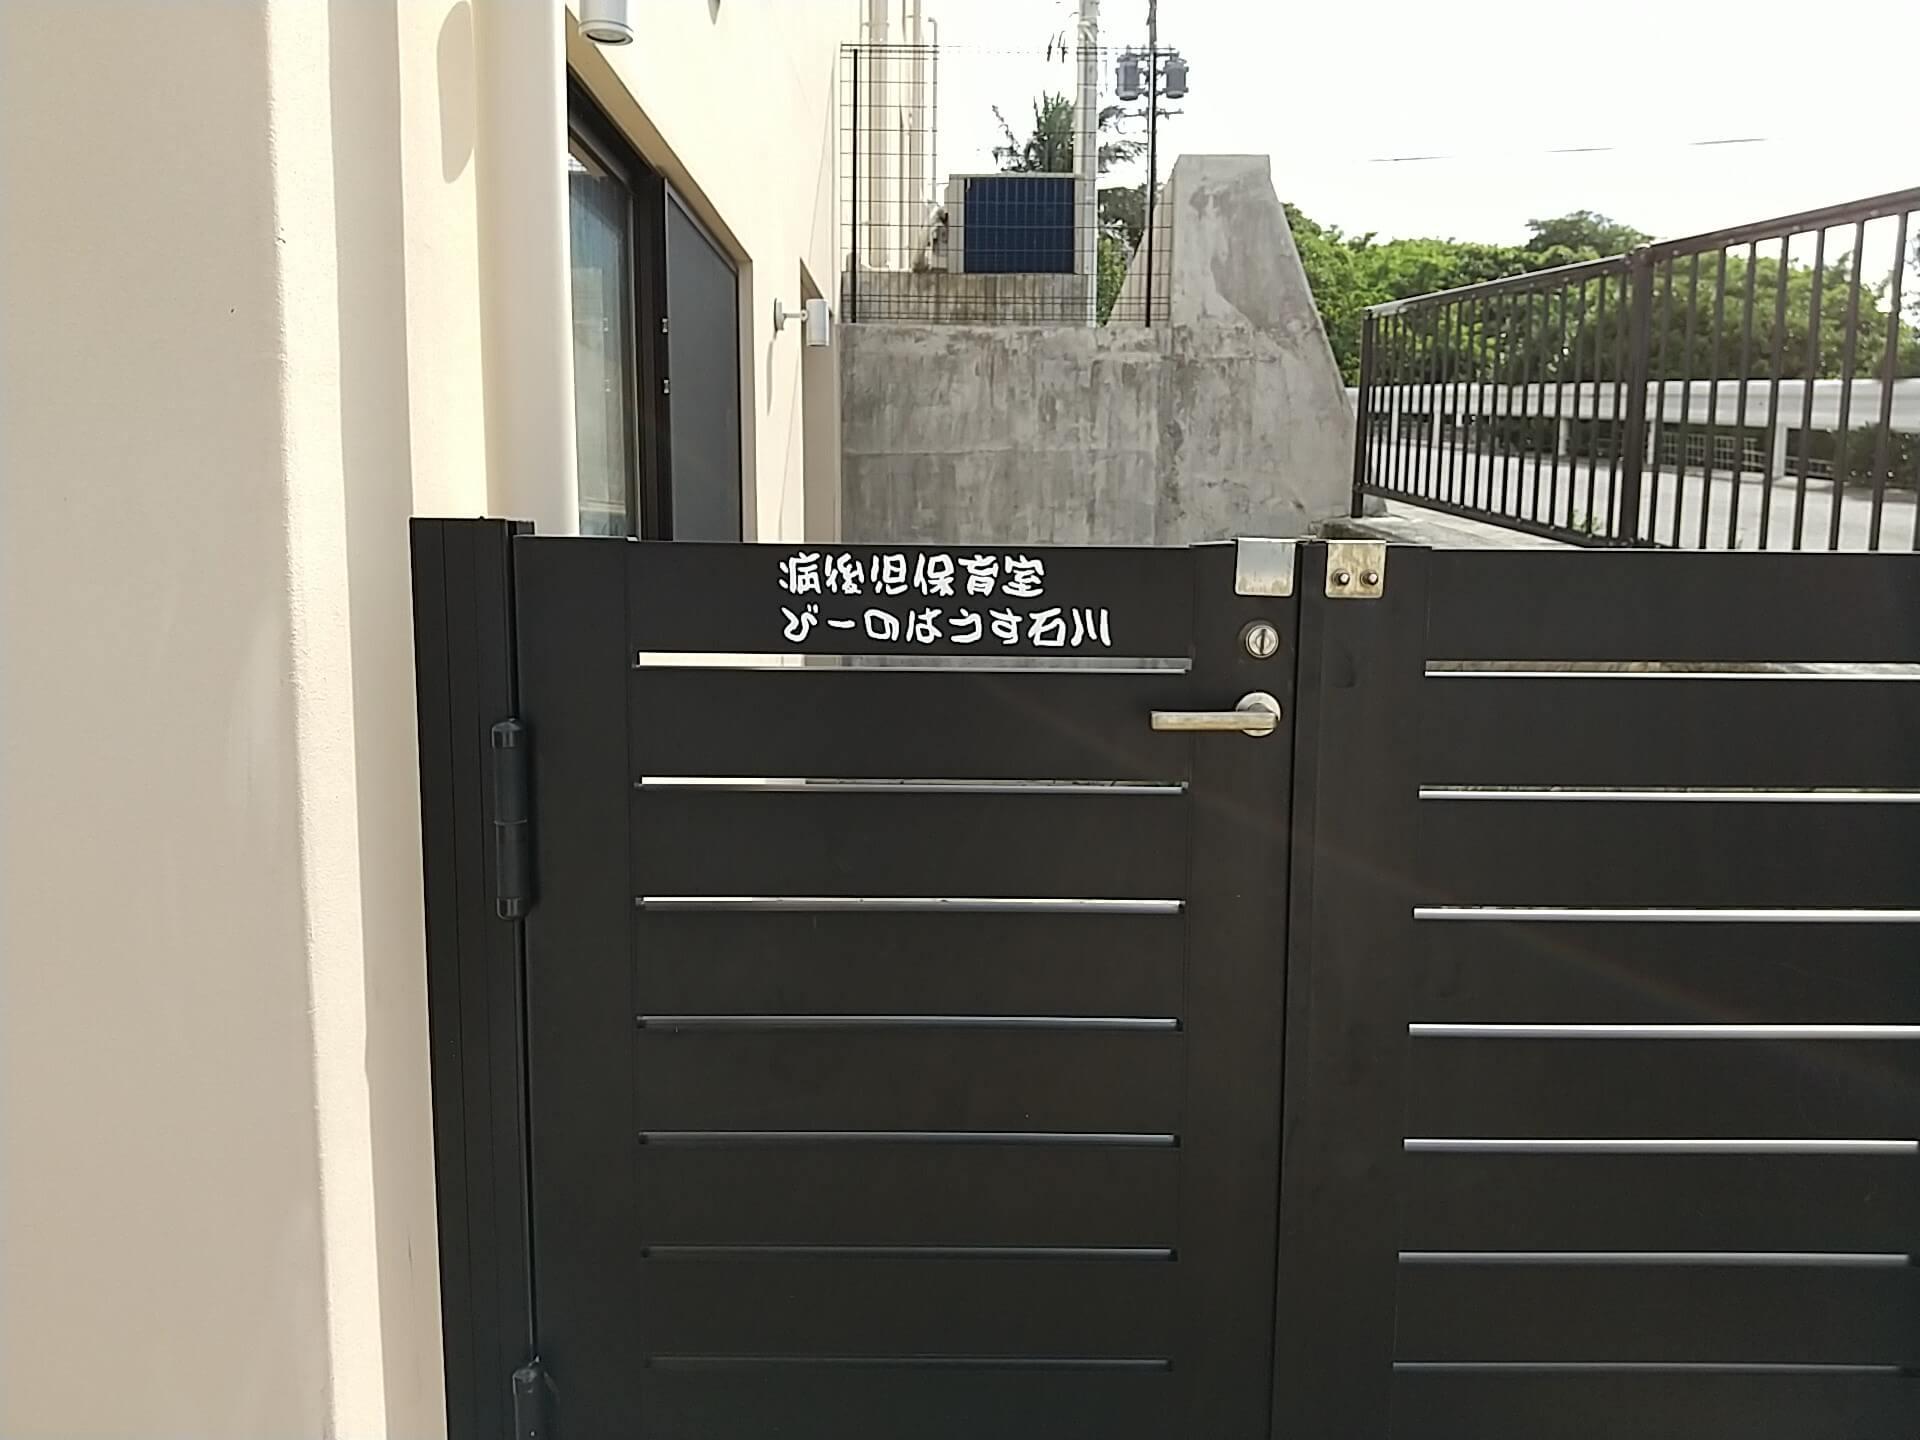 病後児保育室の入り口は別